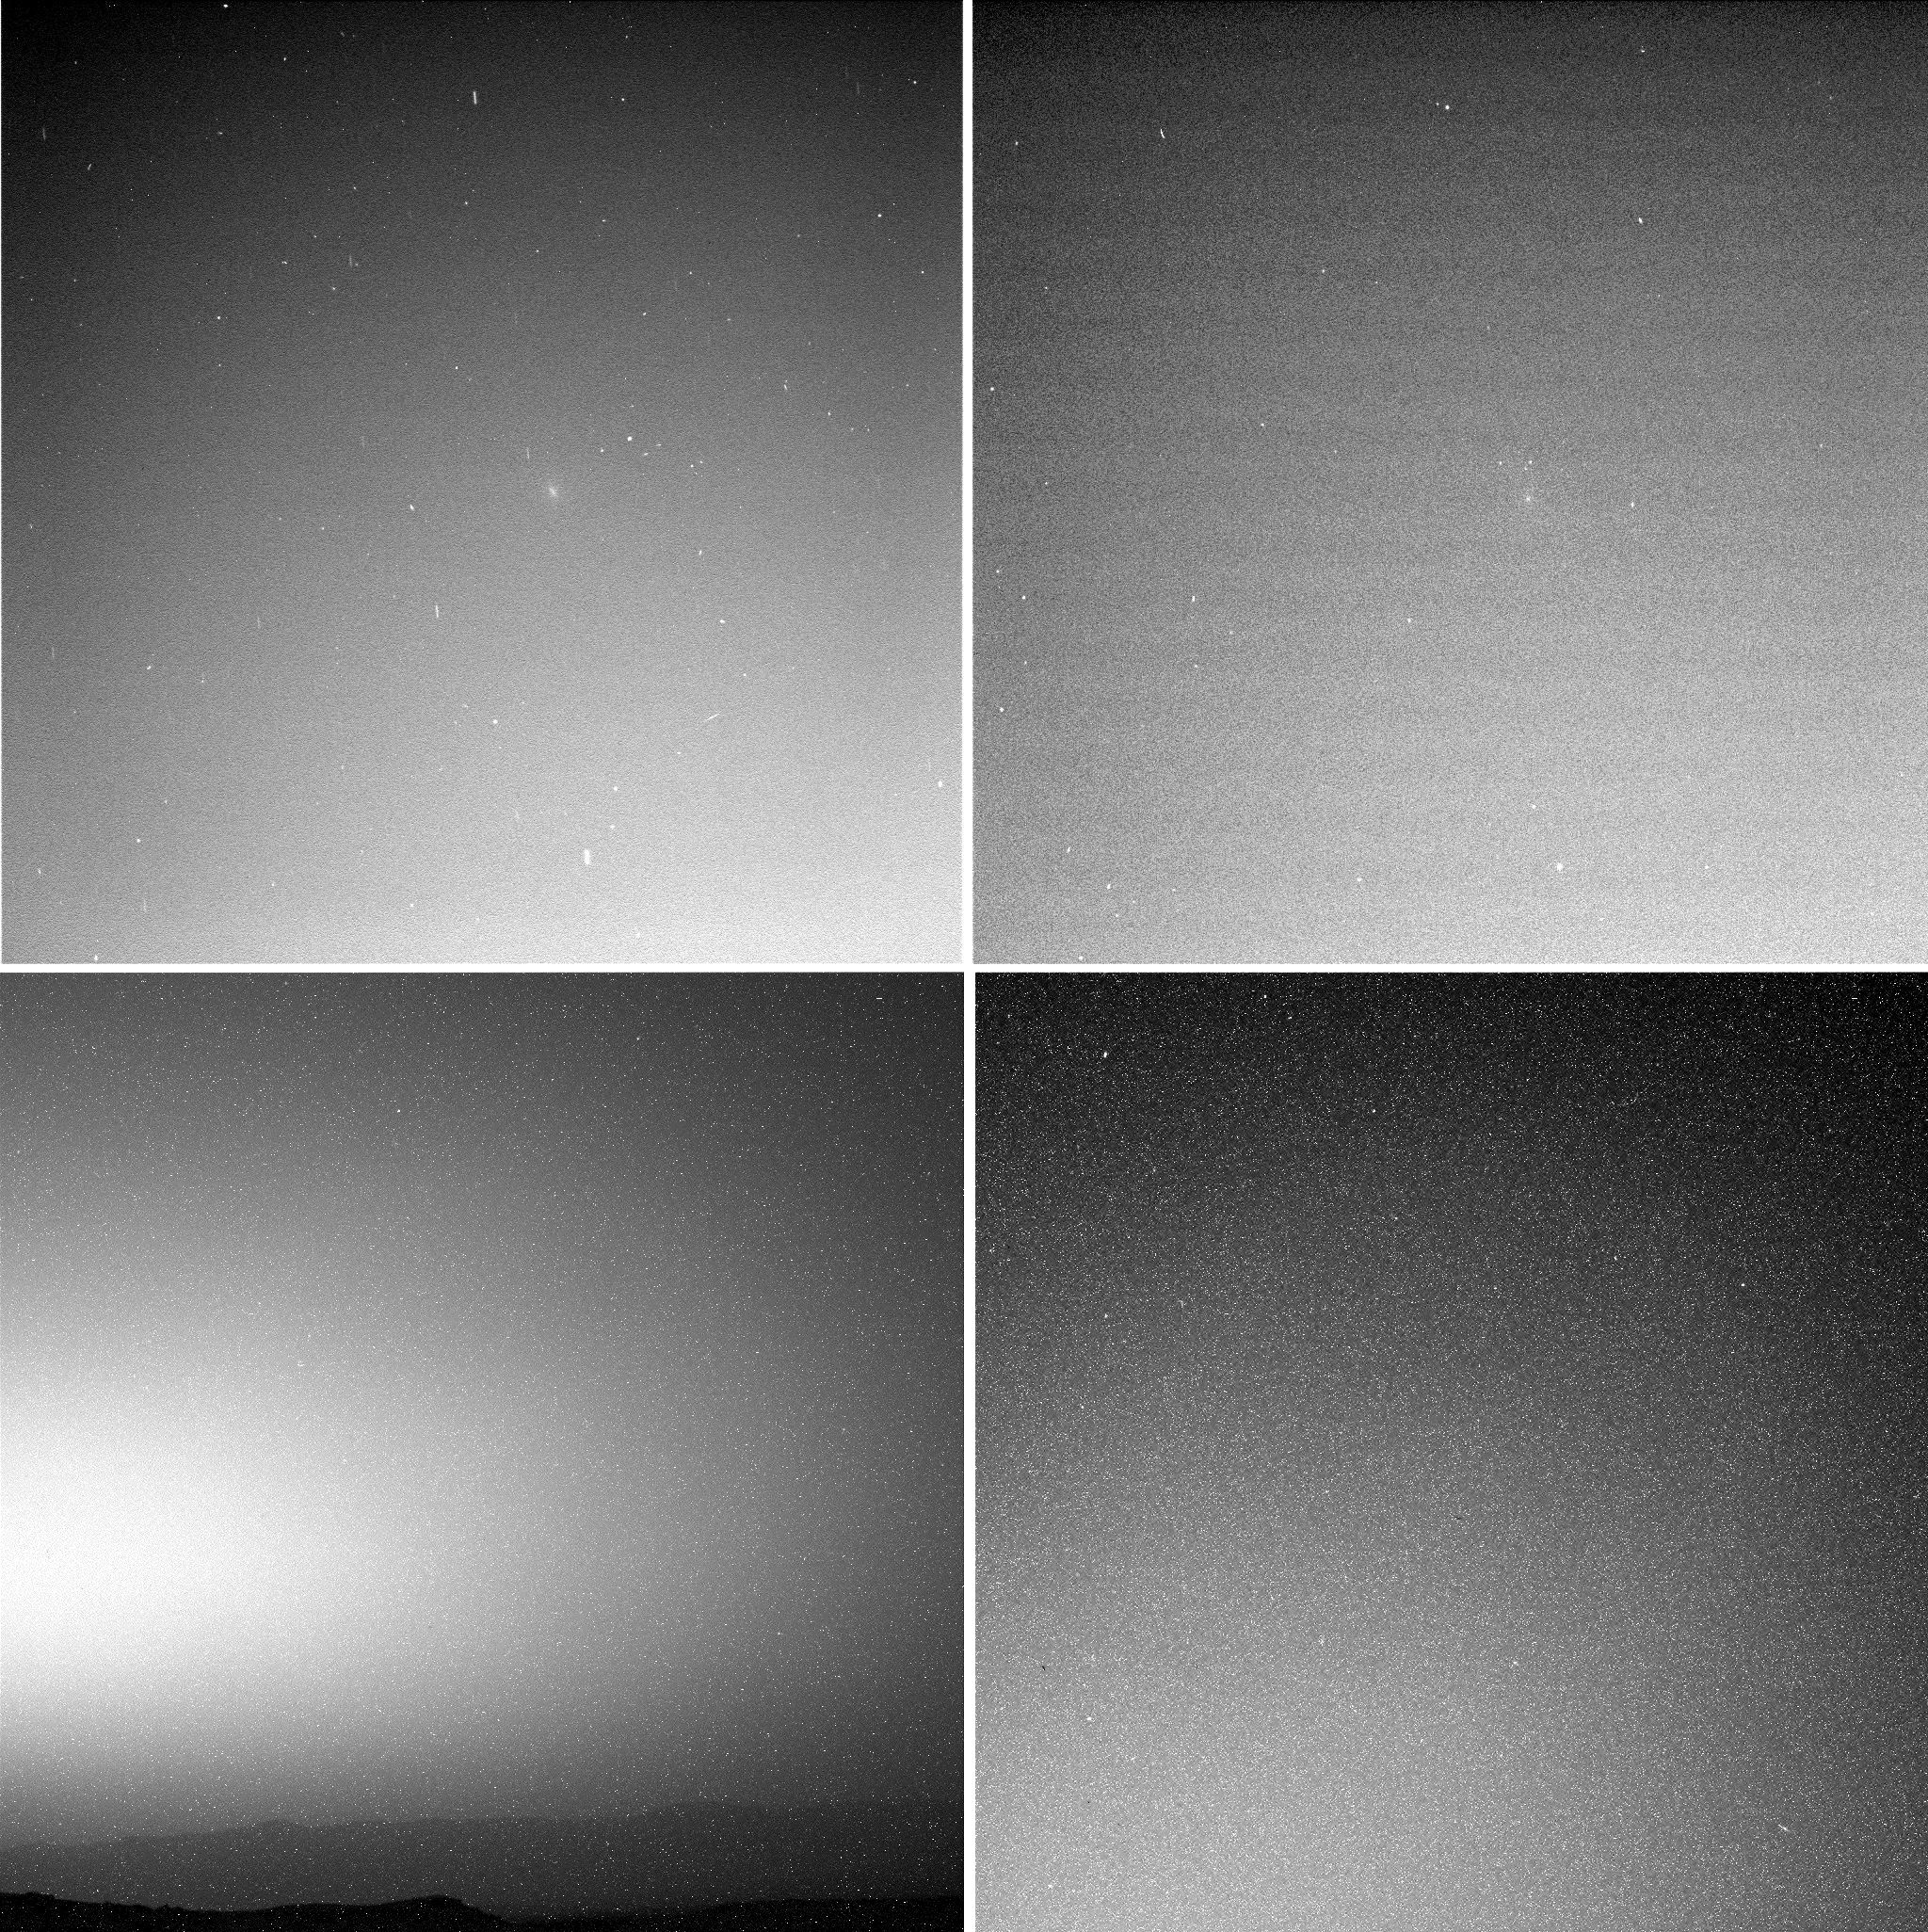 Опубликованы первые снимки момента пролета кометы Siding Spring